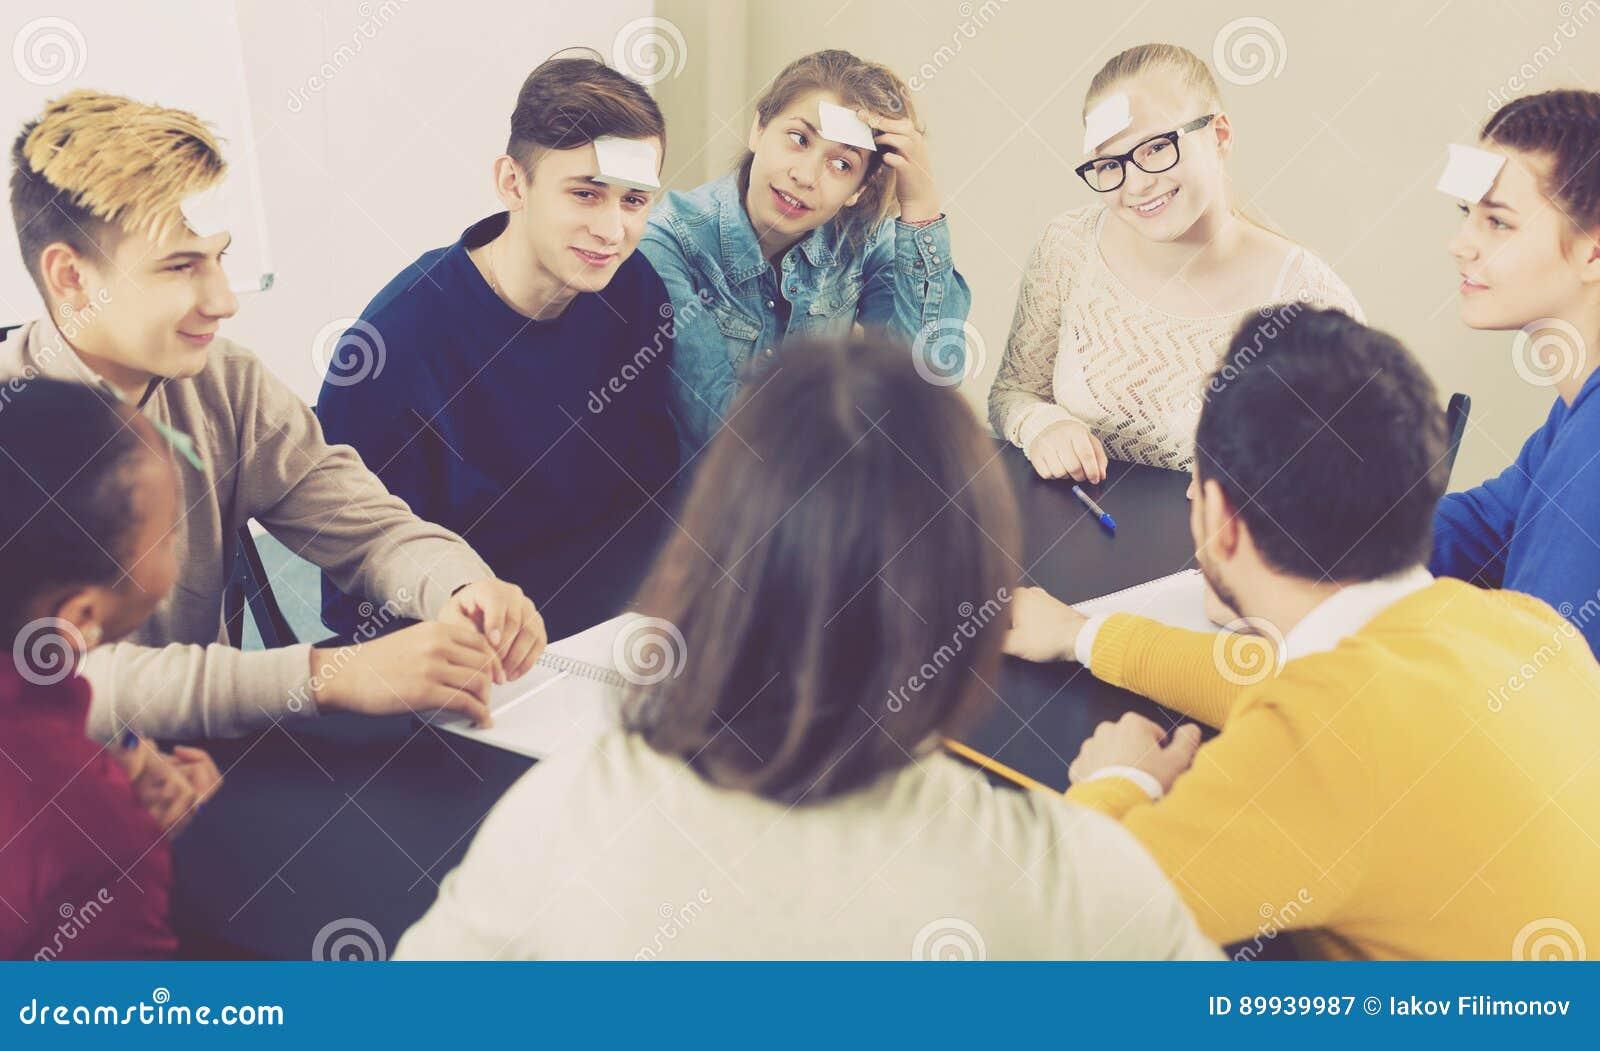 Σπουδαστές που παίζουν εικασία-ποιοι παιχνίδι